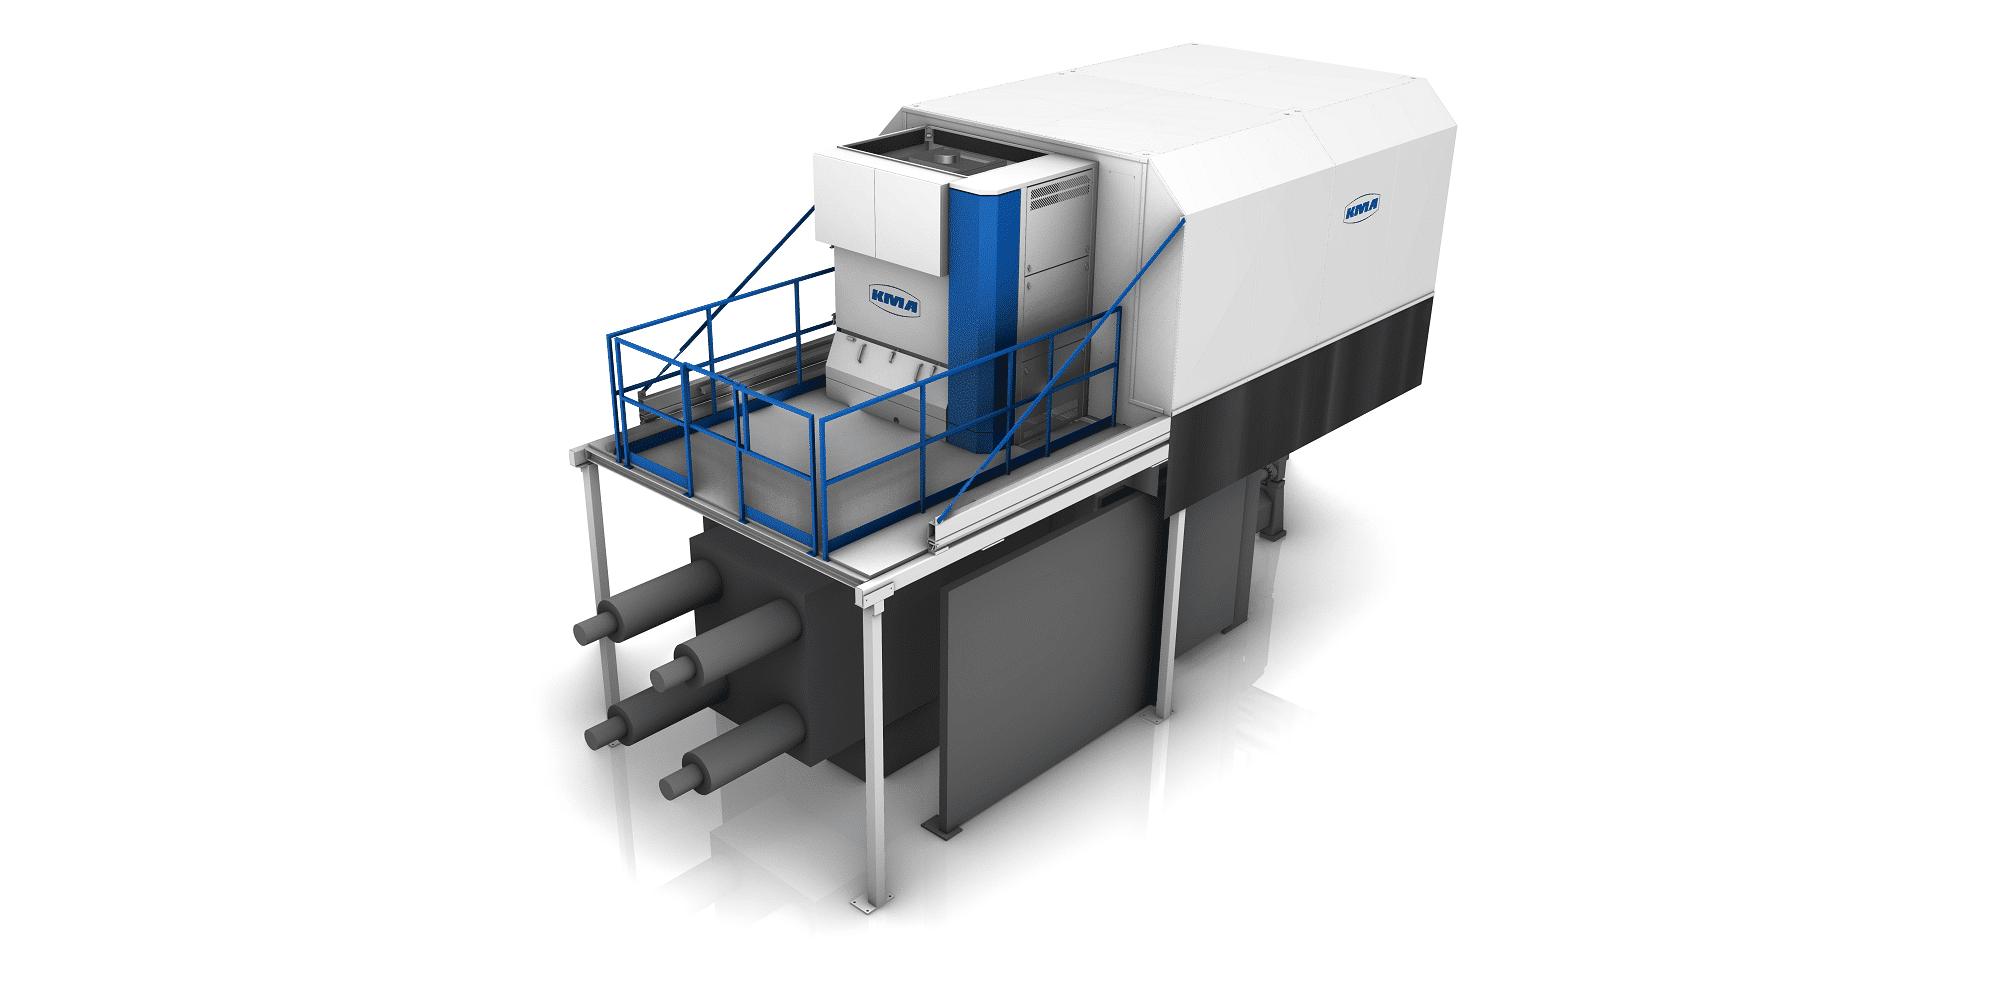 KMA ULTRAVENT Filtersystem und Absaughaube über einer Druckgießmaschine